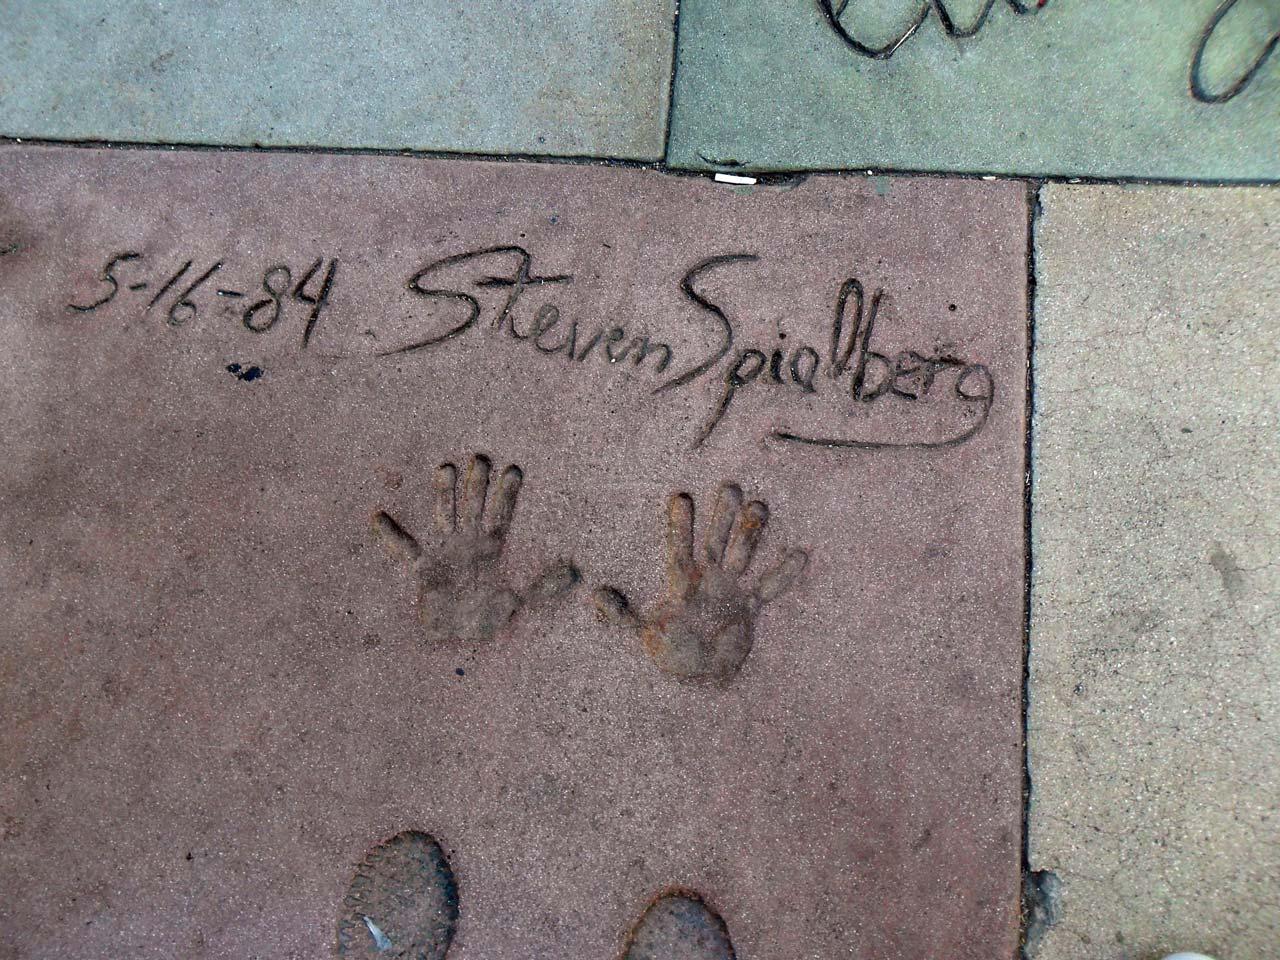 Steven Spialberg